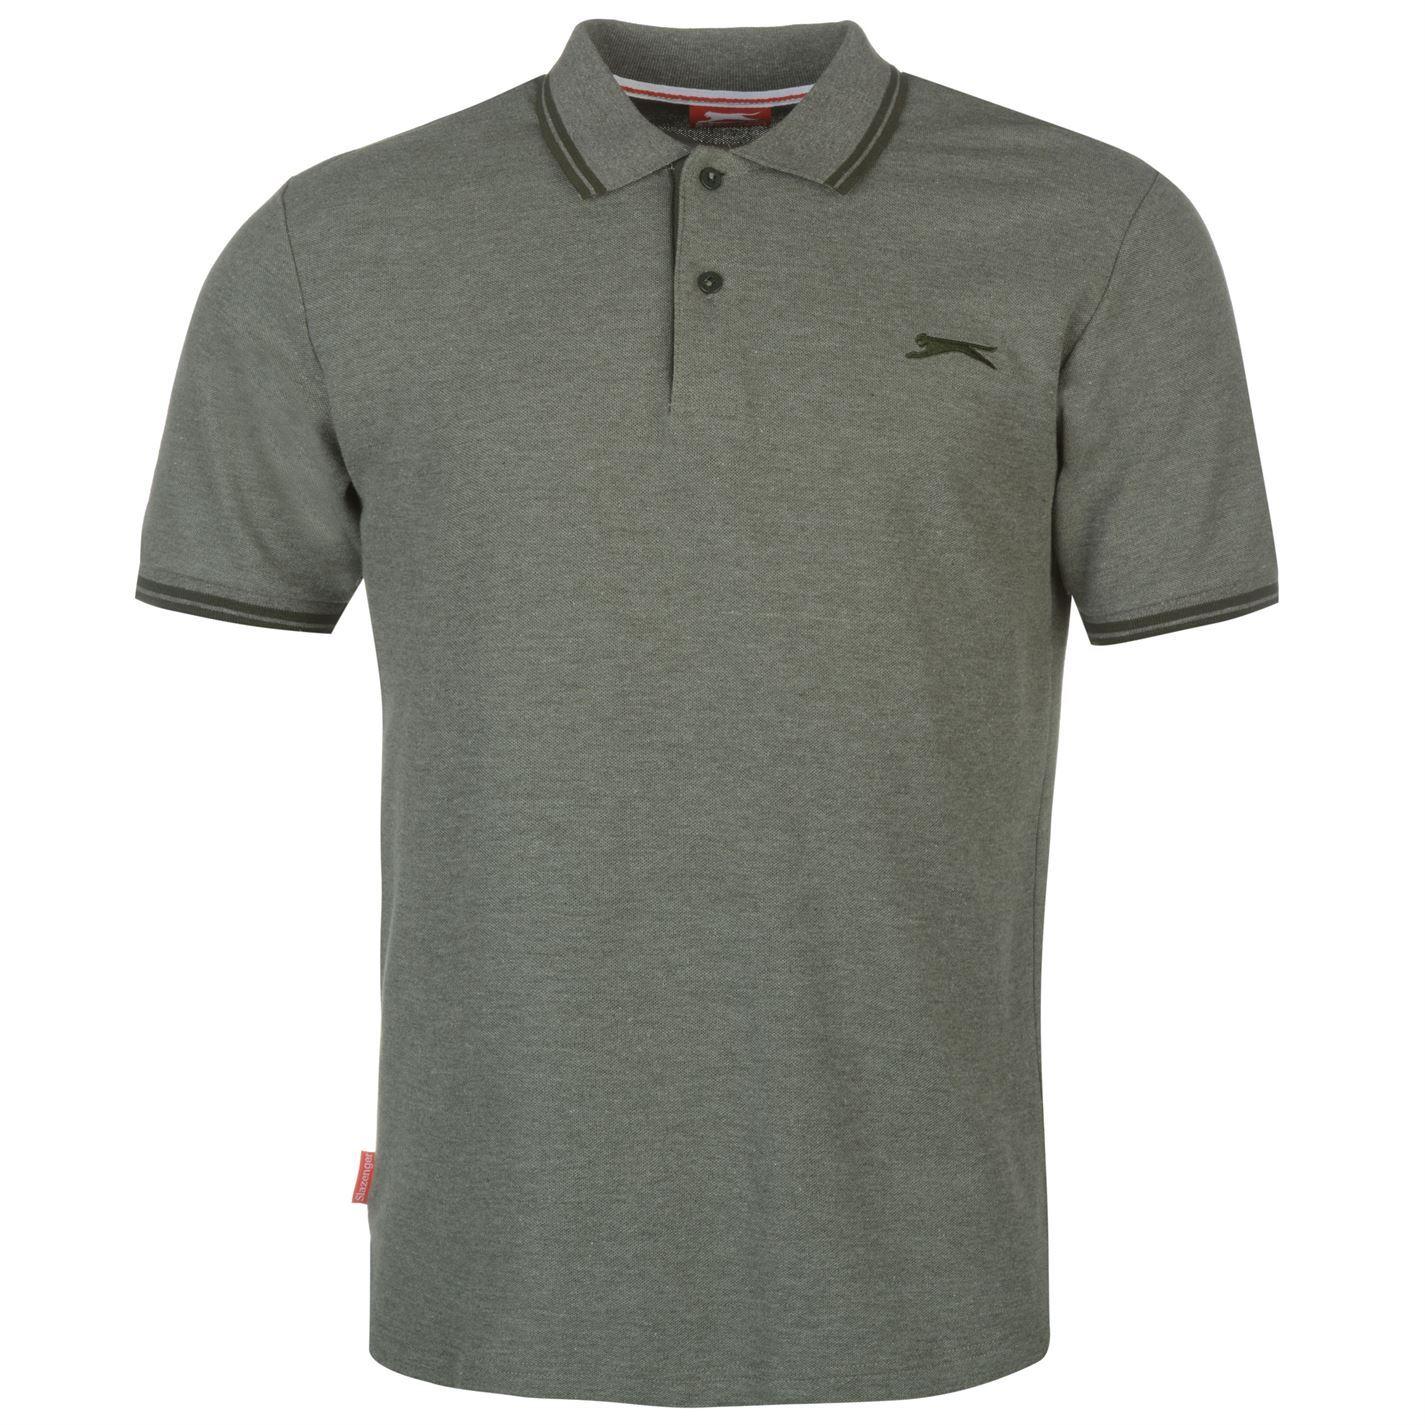 Slazenger-Polo-Camisa-de-hombre-con-cuello-con-Punta-T-Shirt-Top-Camiseta-Tee miniatura 43